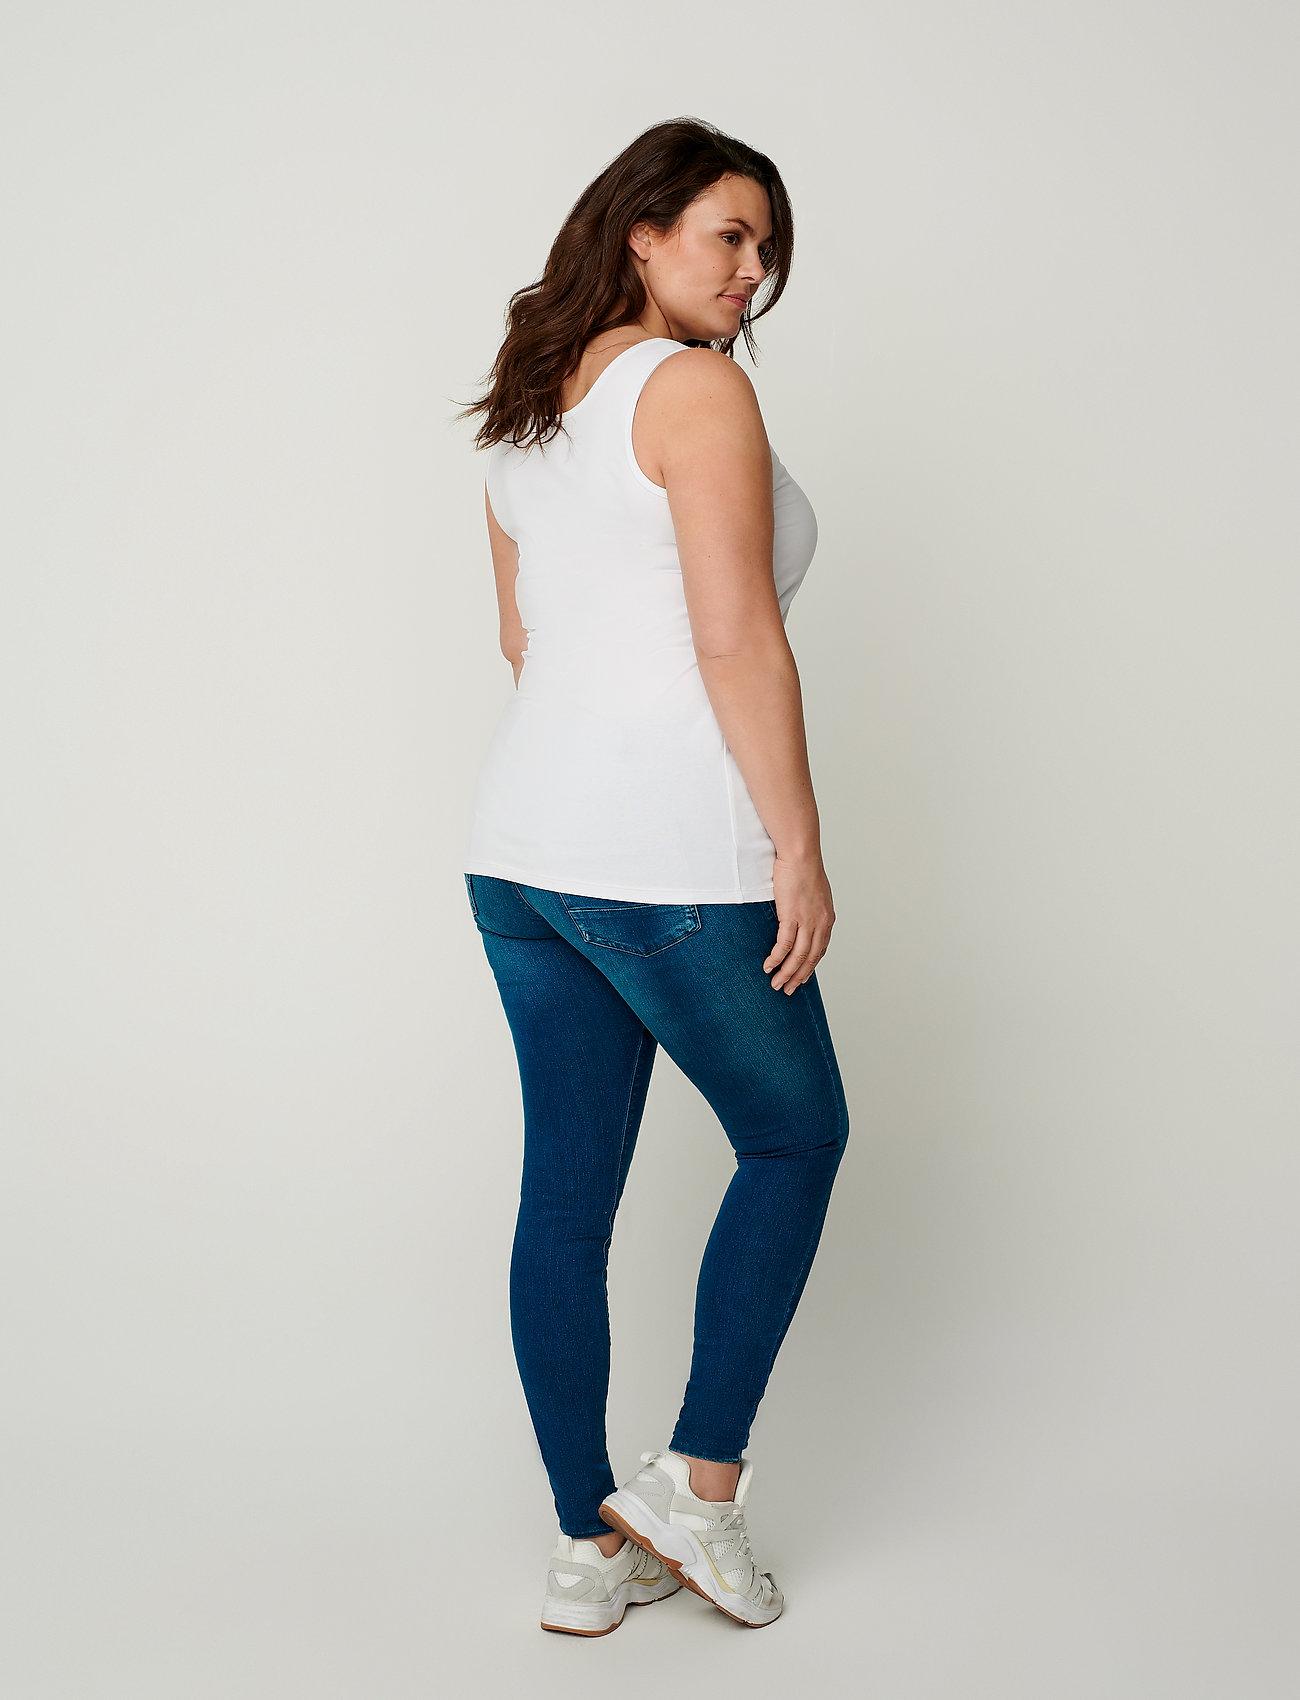 Zizzi TANK TOP - T-Shirts & Tops WHITE - Damen Kleidung